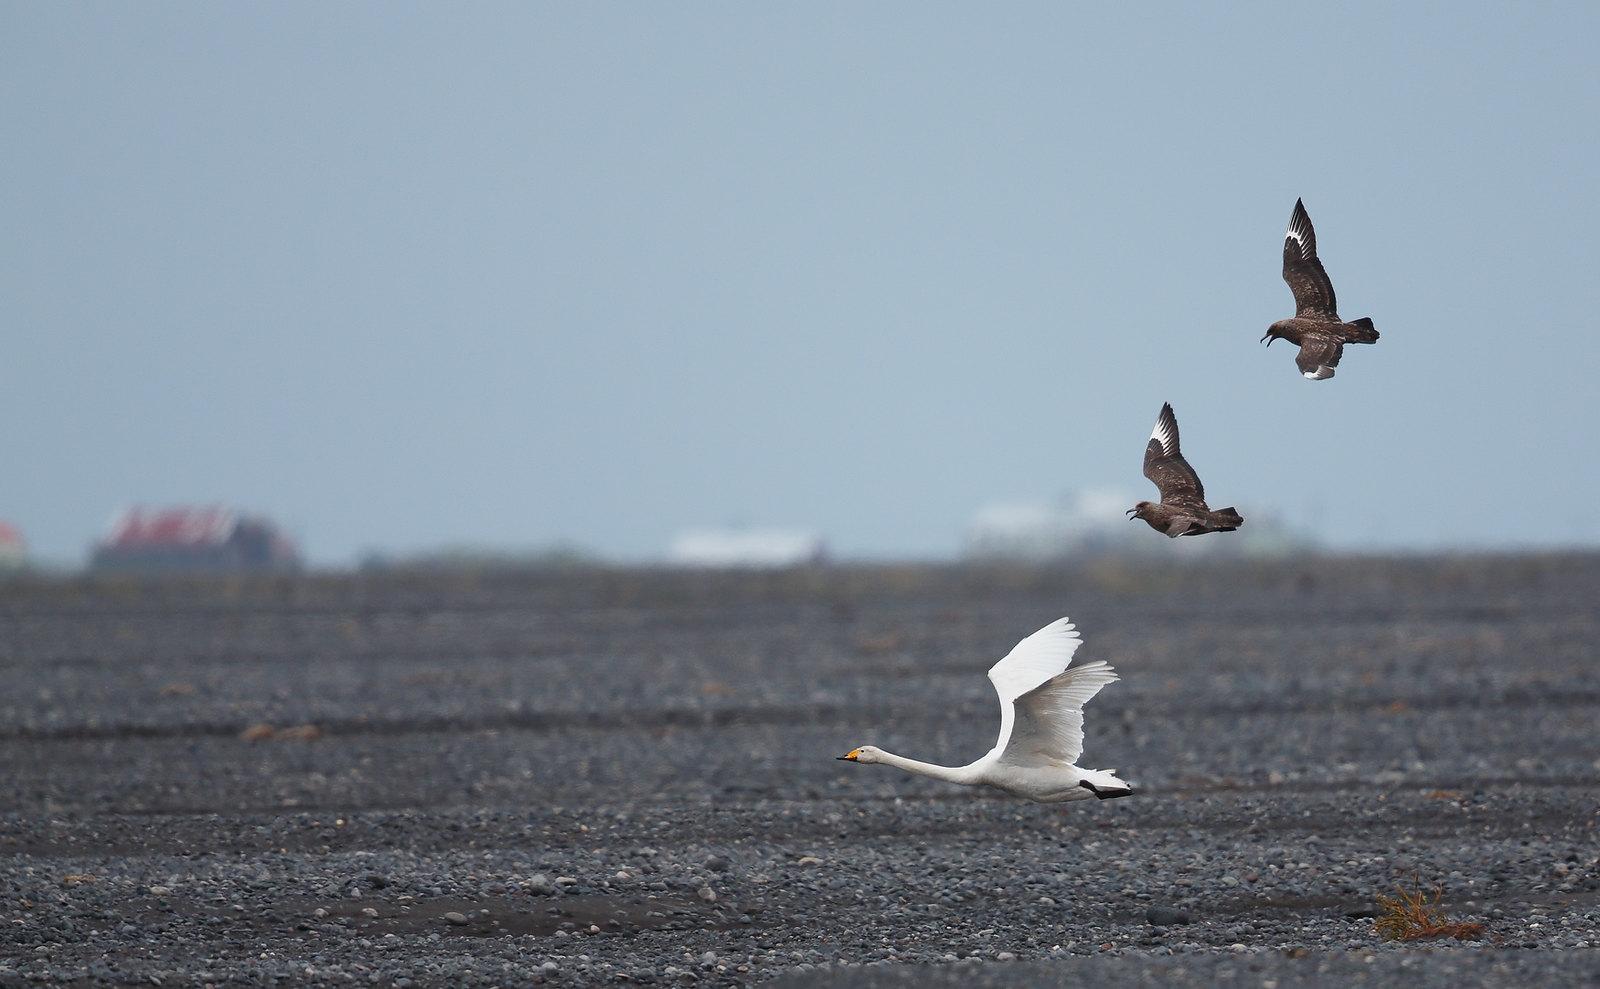 bonxies taking dislike to Whooper Swan